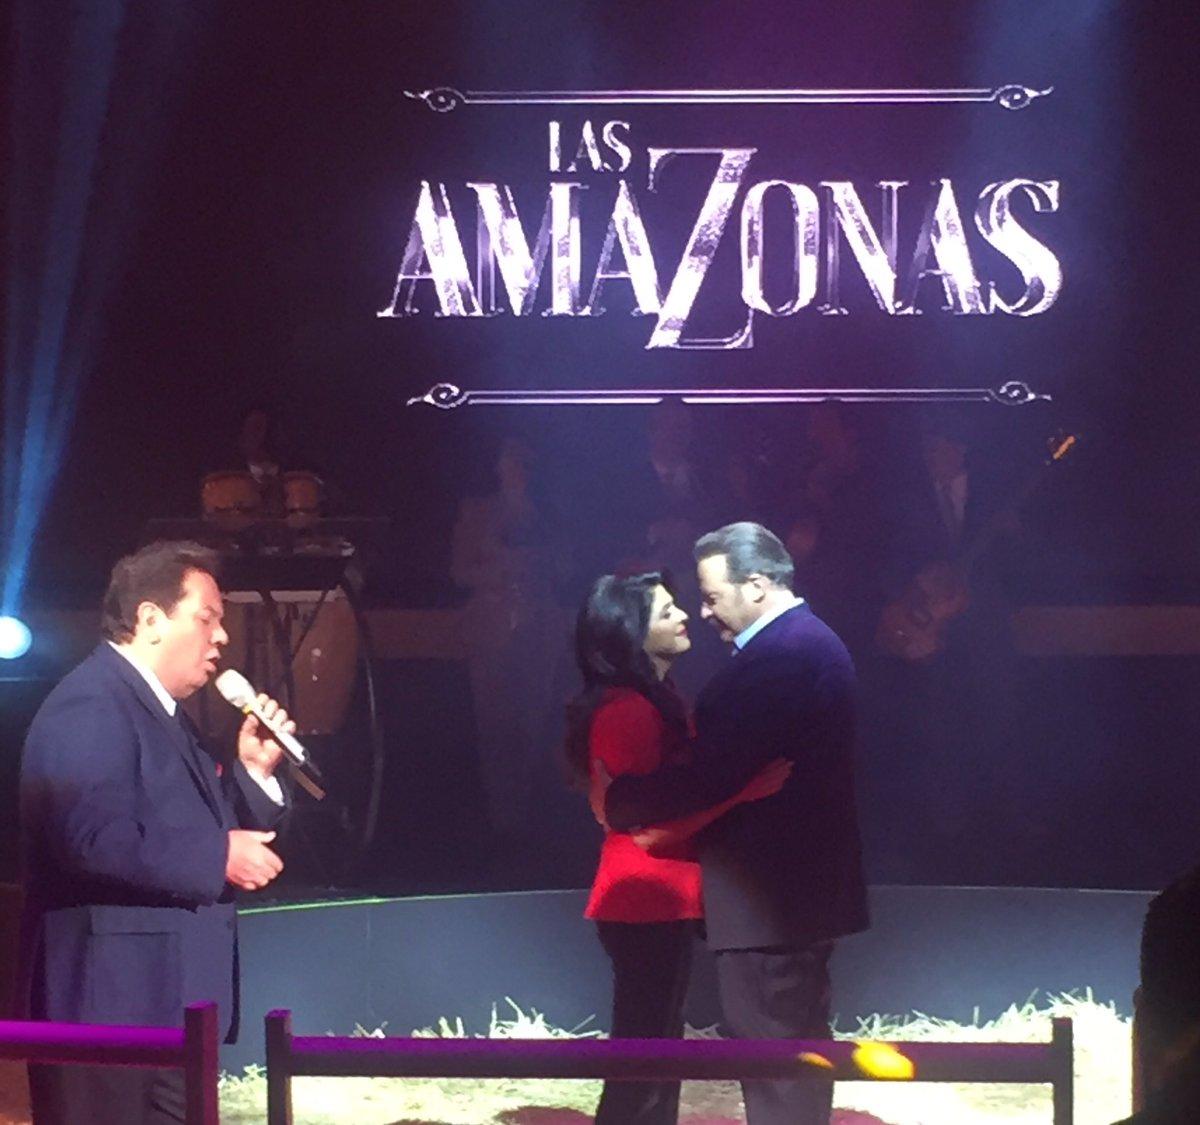 Ya en la presentación de #LasAmazonas @victoriaruffo31 @CesarEvoraP canta mi querido @COQUEMUNIZ https://t.co/zDLbXny3p5